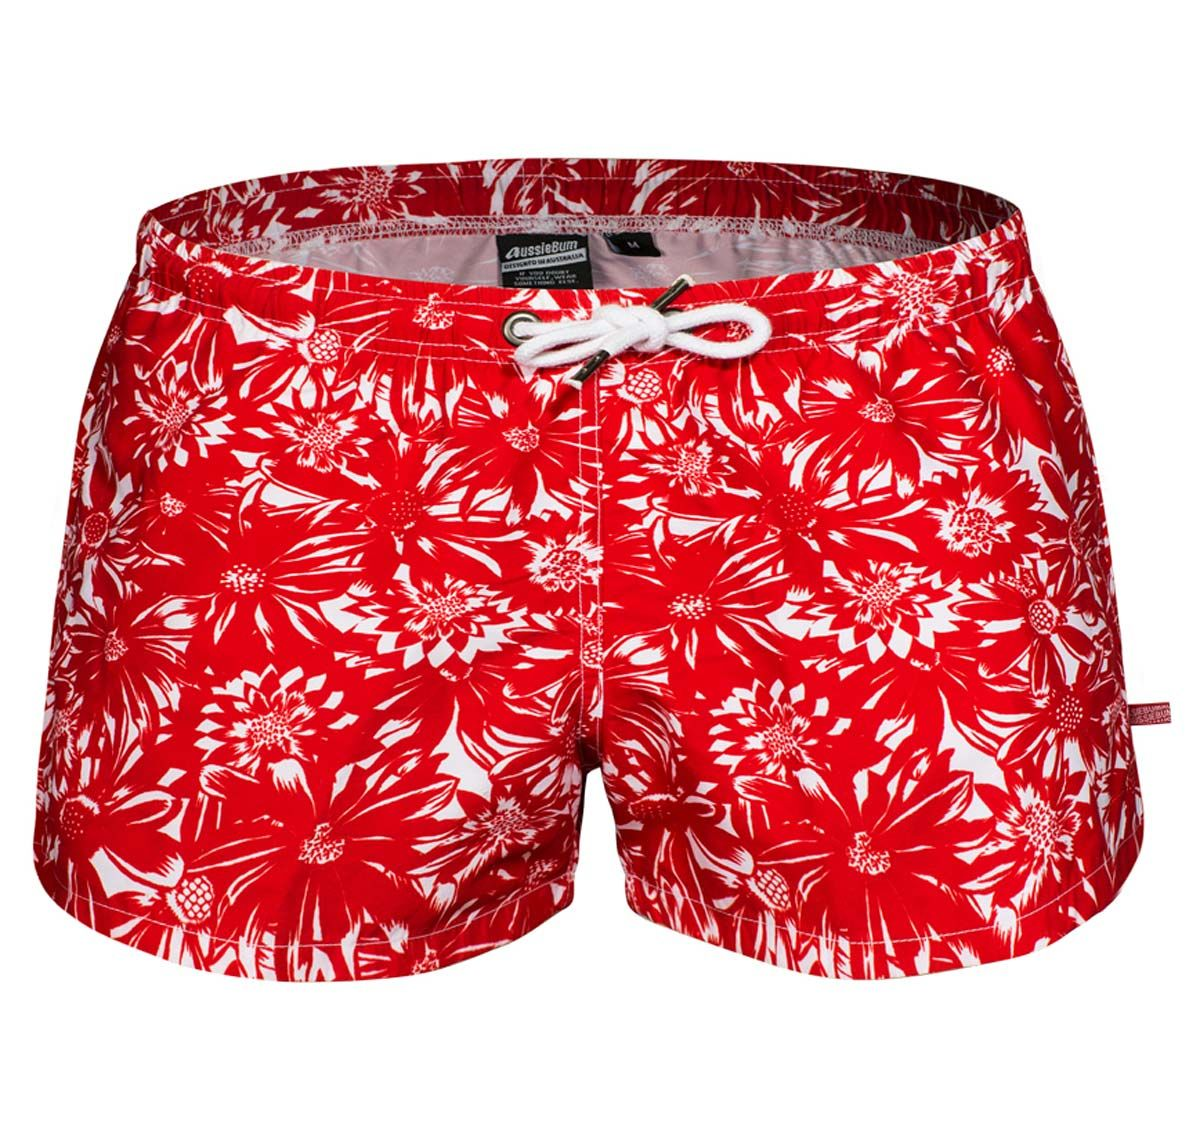 aussieBum Pantaloncini BLOOM, rosso